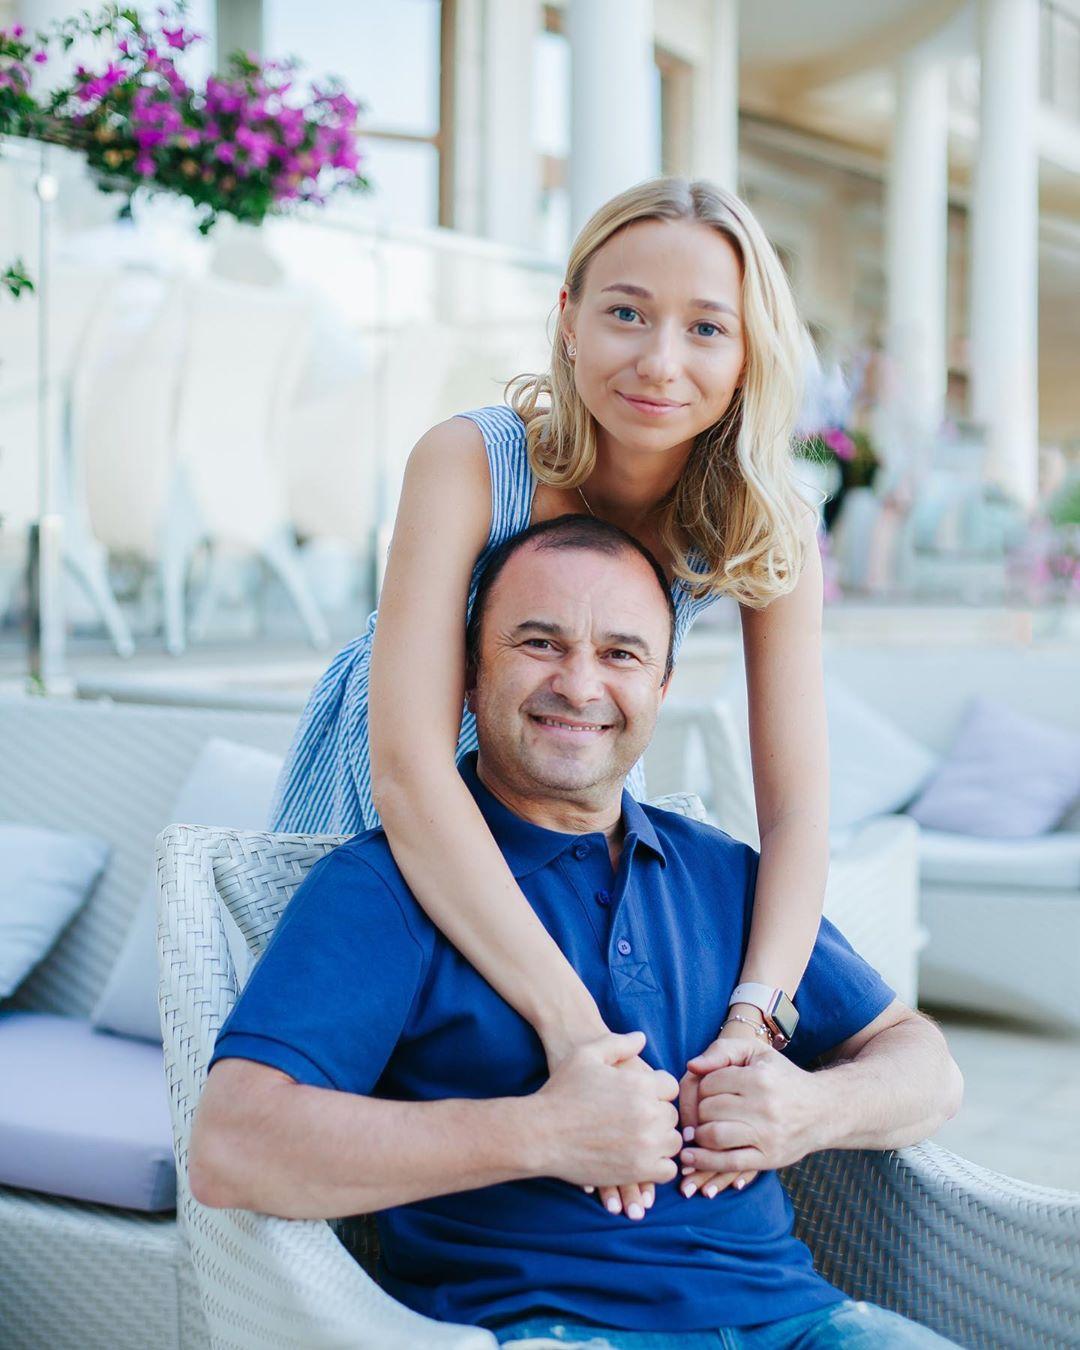 Молодая невеста Виктора Павлика показала новое фото с певцом